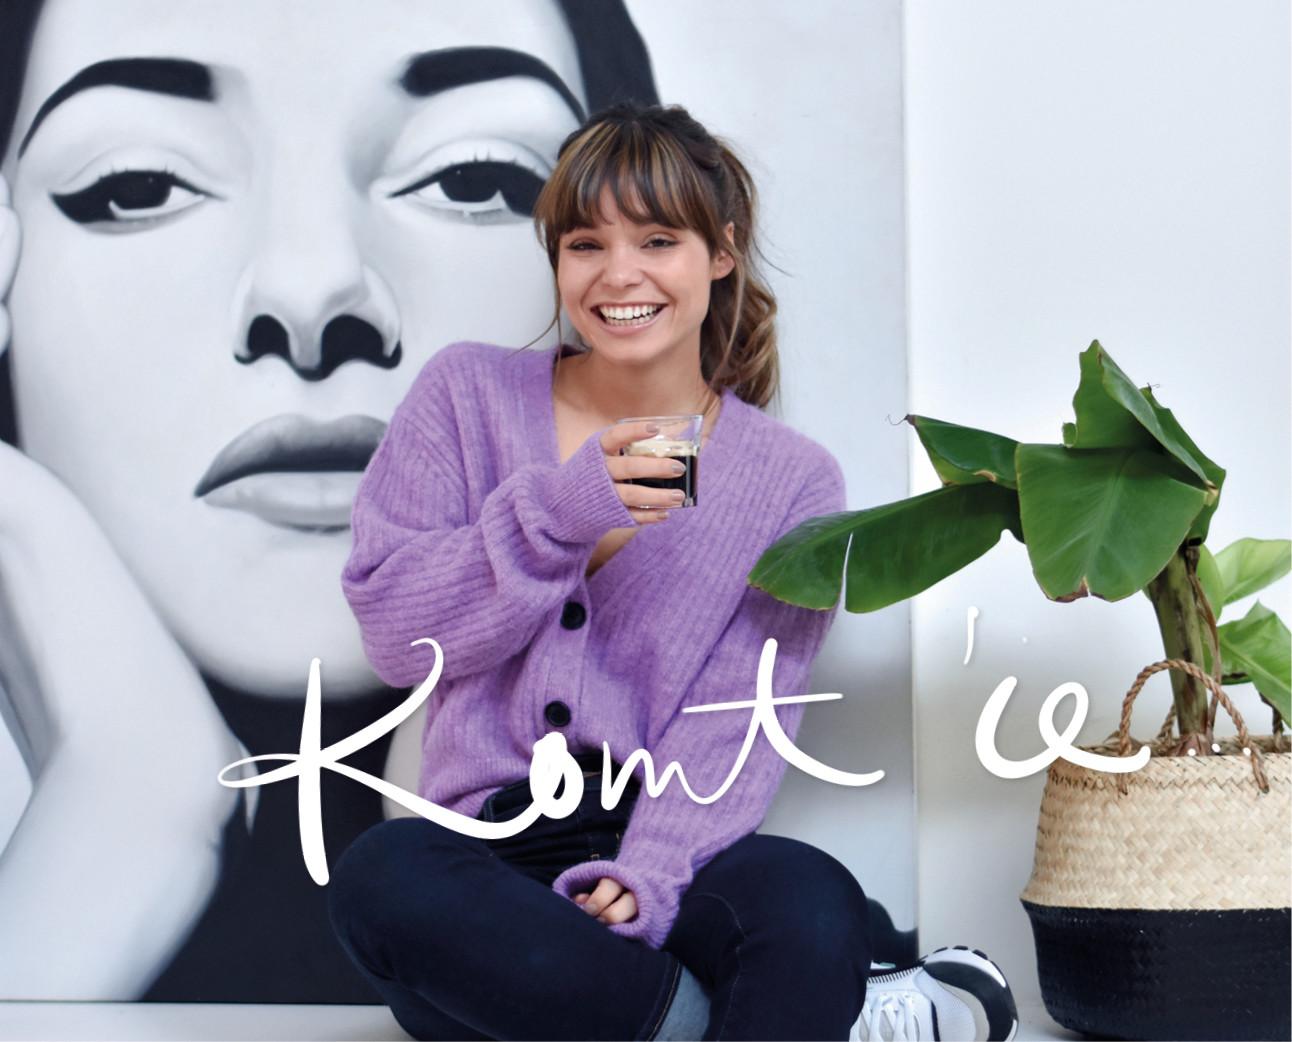 Kiki lachend in een paars vestje met een kop koffie